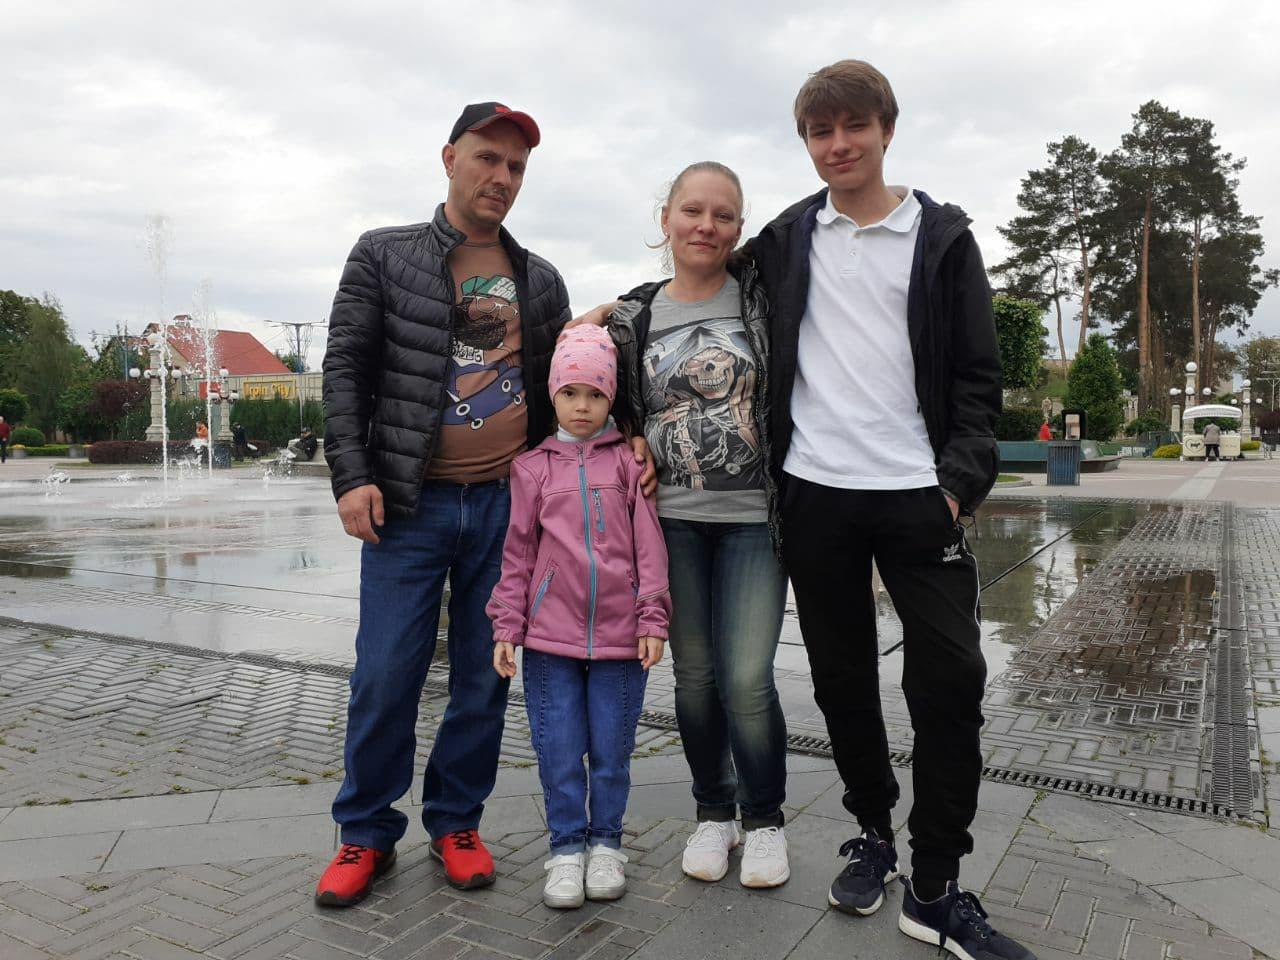 """""""Хотіла би продавати хліб"""". Як Україна насправді зустрічає білорусів, які тікають від терору"""